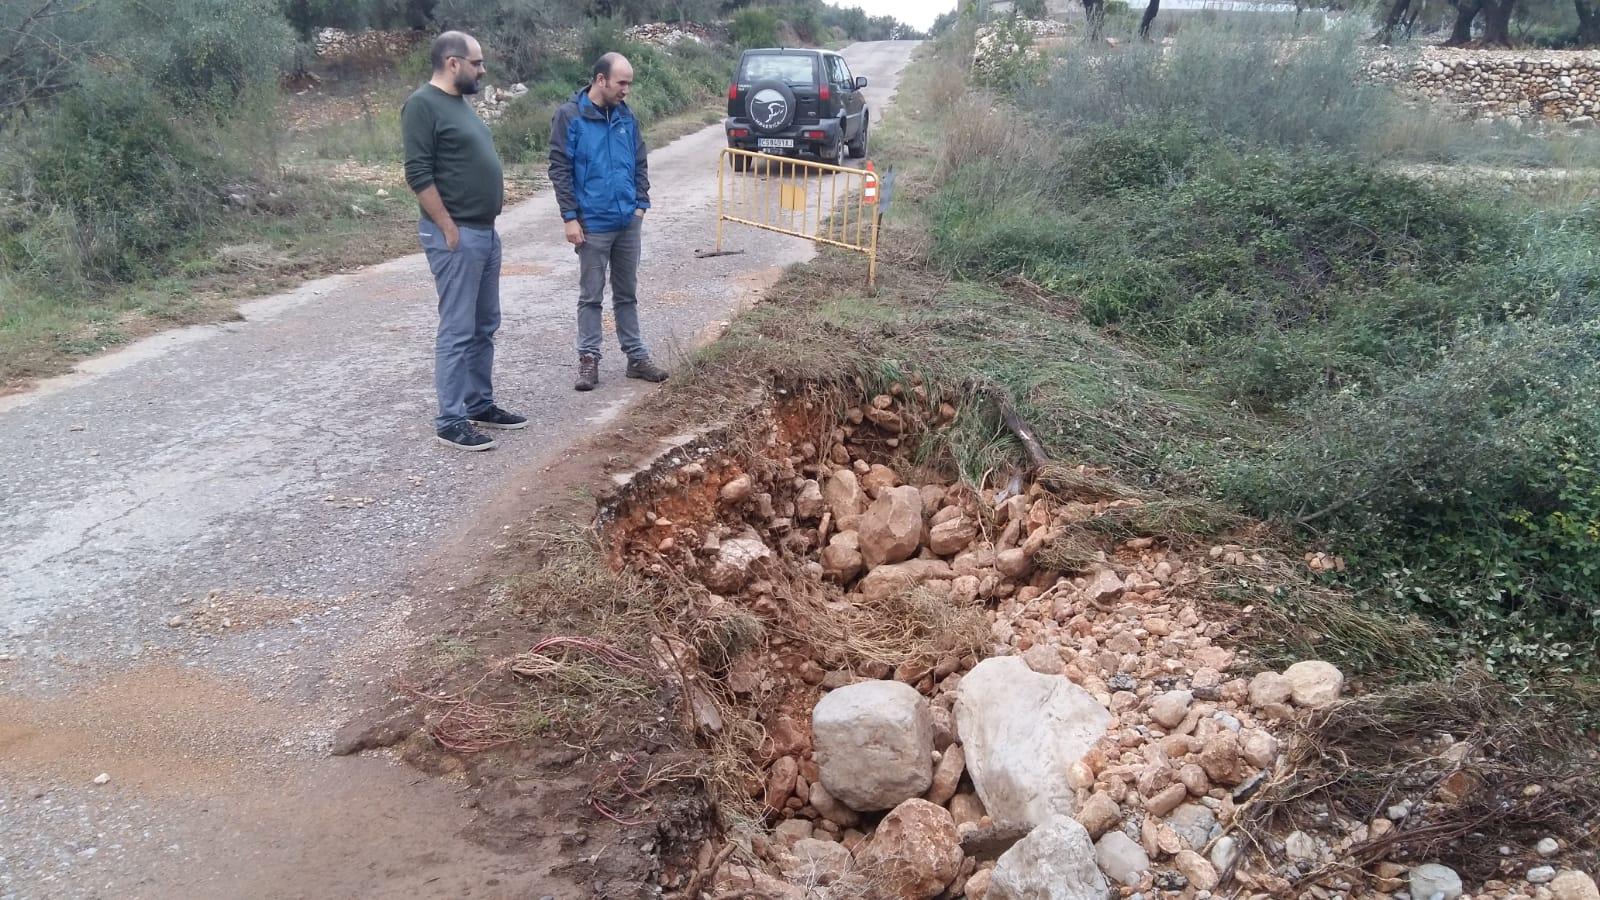 La Jana rebrà una ajuda de 36.329€ de la Generalitat per a pal·liar els efectes de les pluges d'octubre